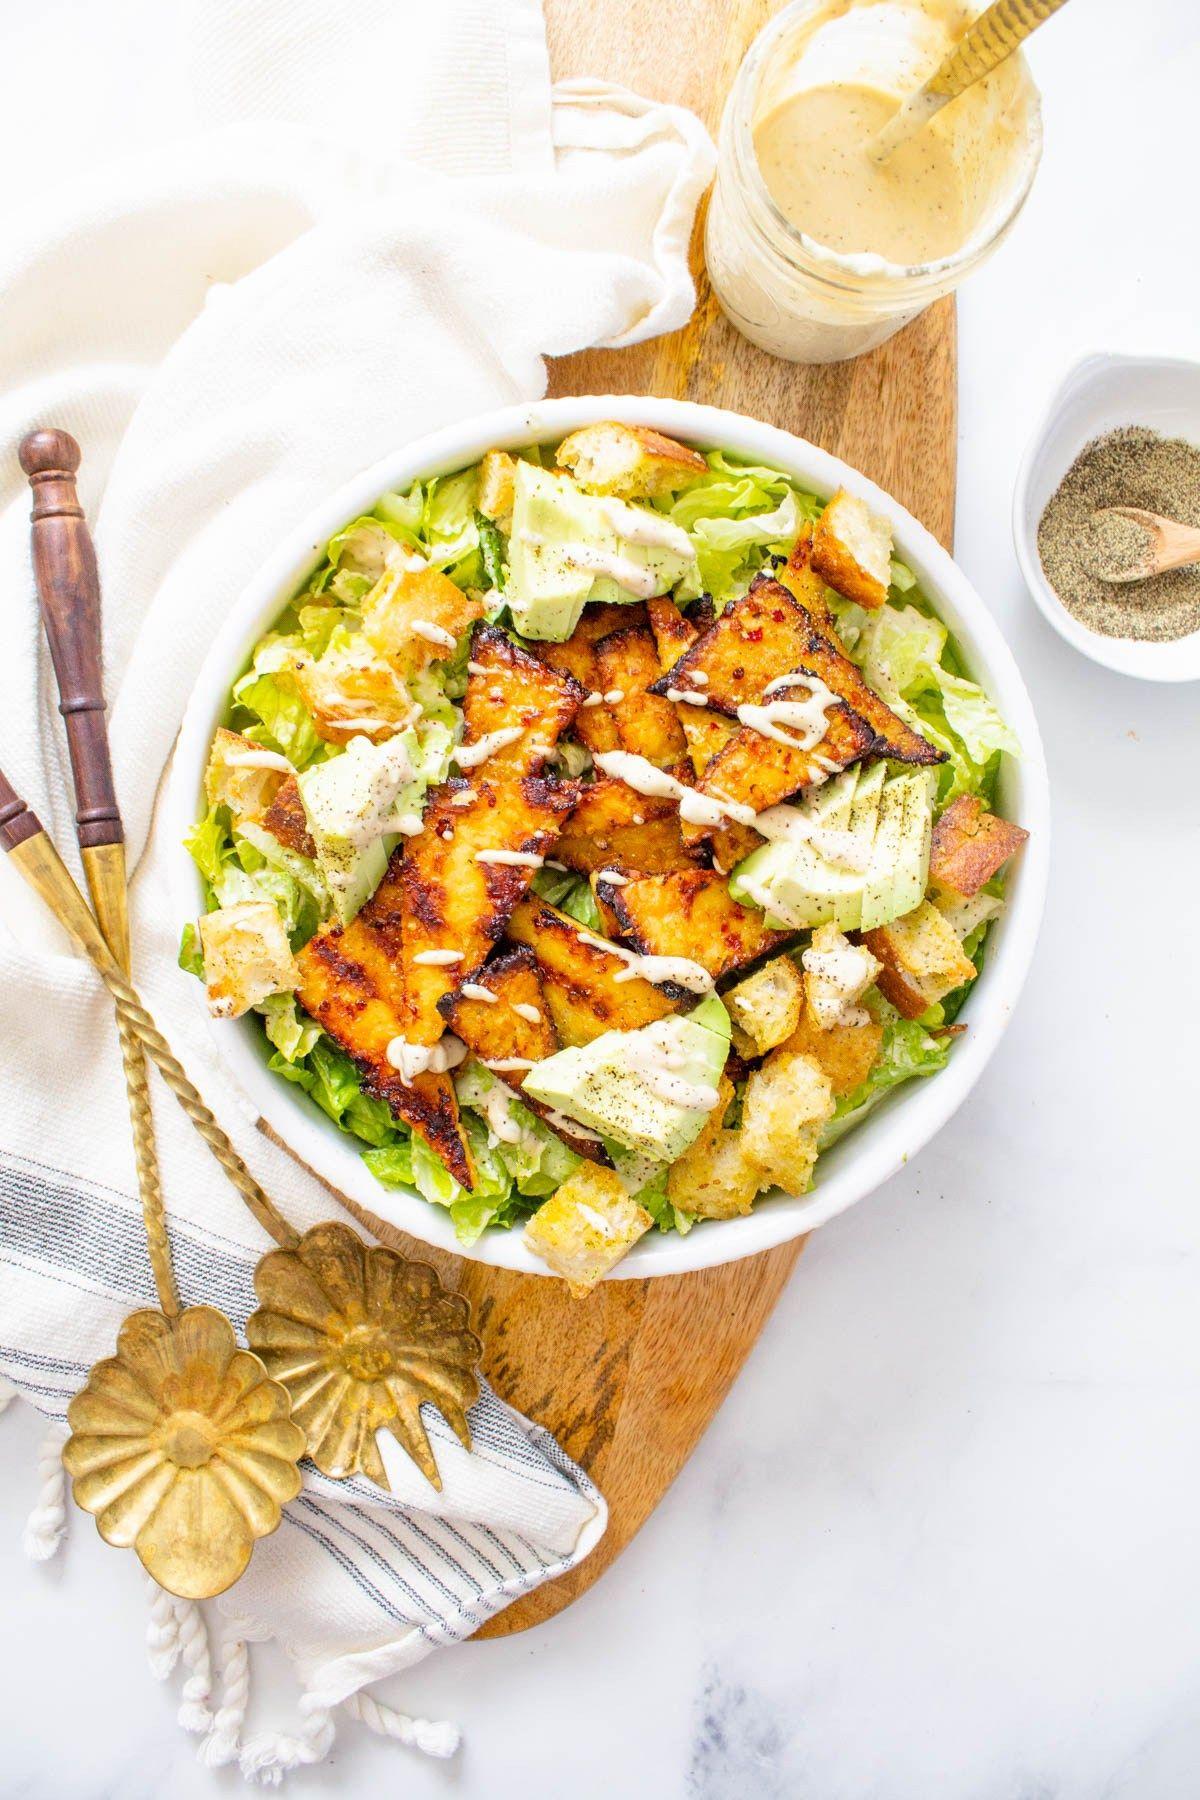 Grilled Tempeh Vegan Caesar Salad This Savory Vegan Recipe In 2020 Vegan Caesar Caesar Salad Vegan Dinner Recipes